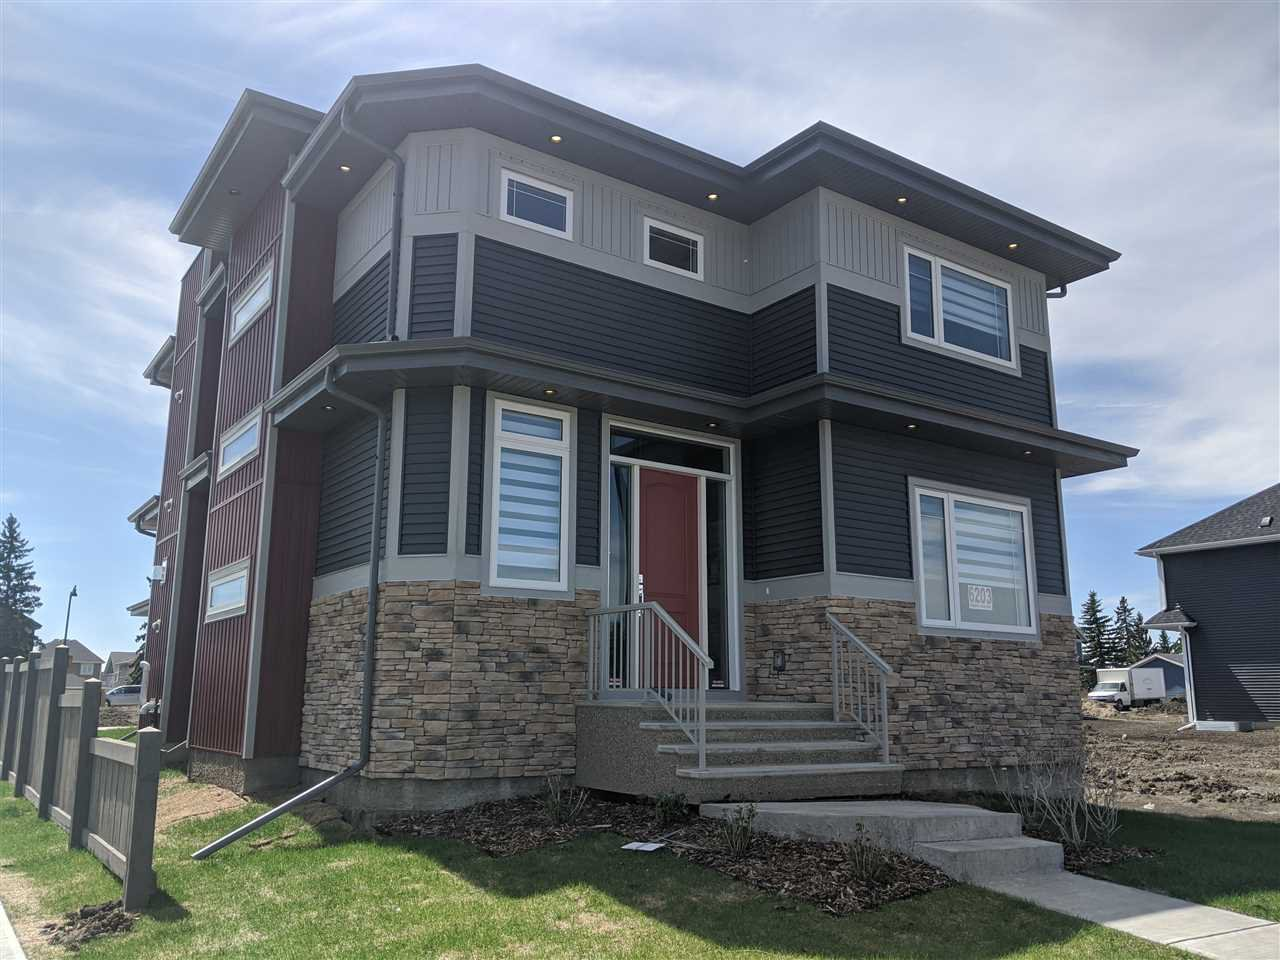 Main Photo: 6203 Hampton Gray Avenue in Edmonton: Zone 27 House for sale : MLS®# E4219745